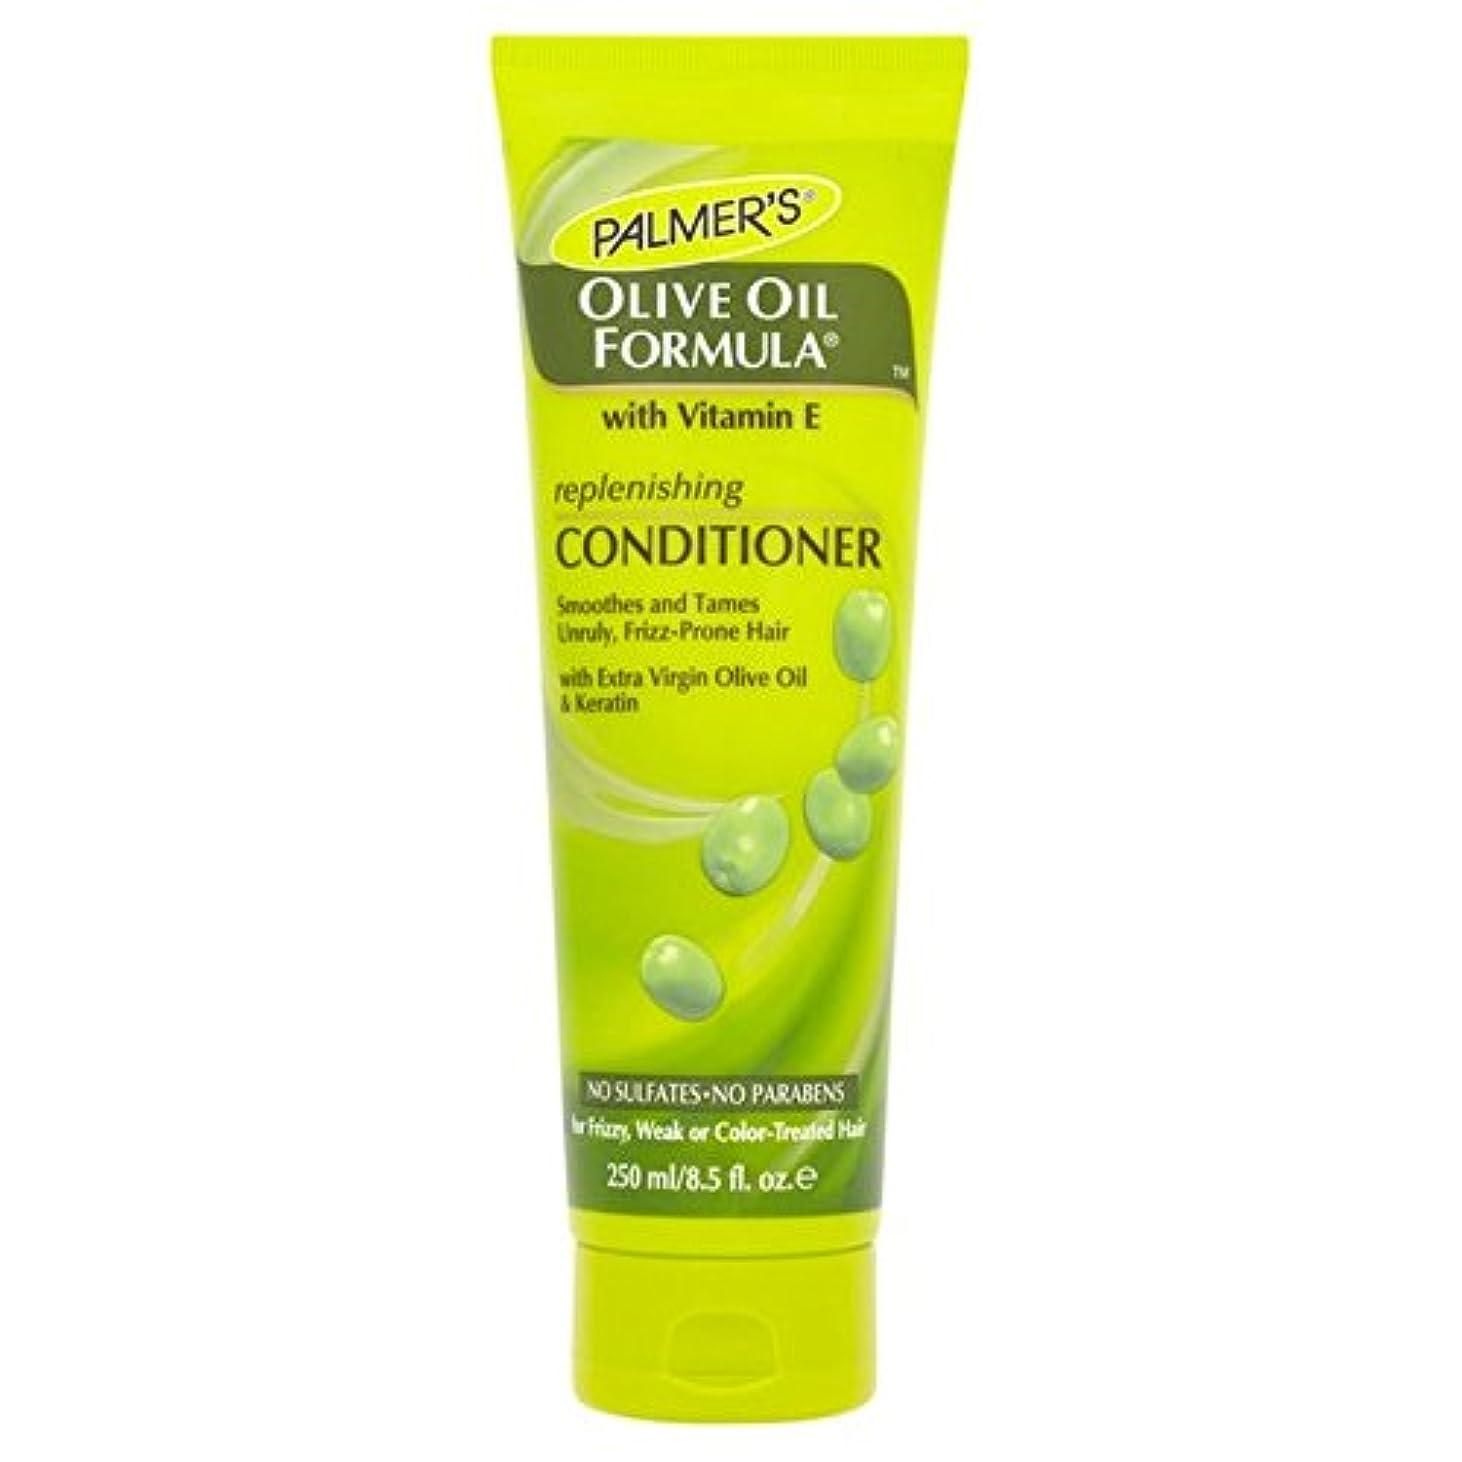 分解するレイフラスコPalmer's Olive Oil Formula Restoring Conditioner 250ml - パーマーのオリーブオイル式リストアコンディショナー250 [並行輸入品]